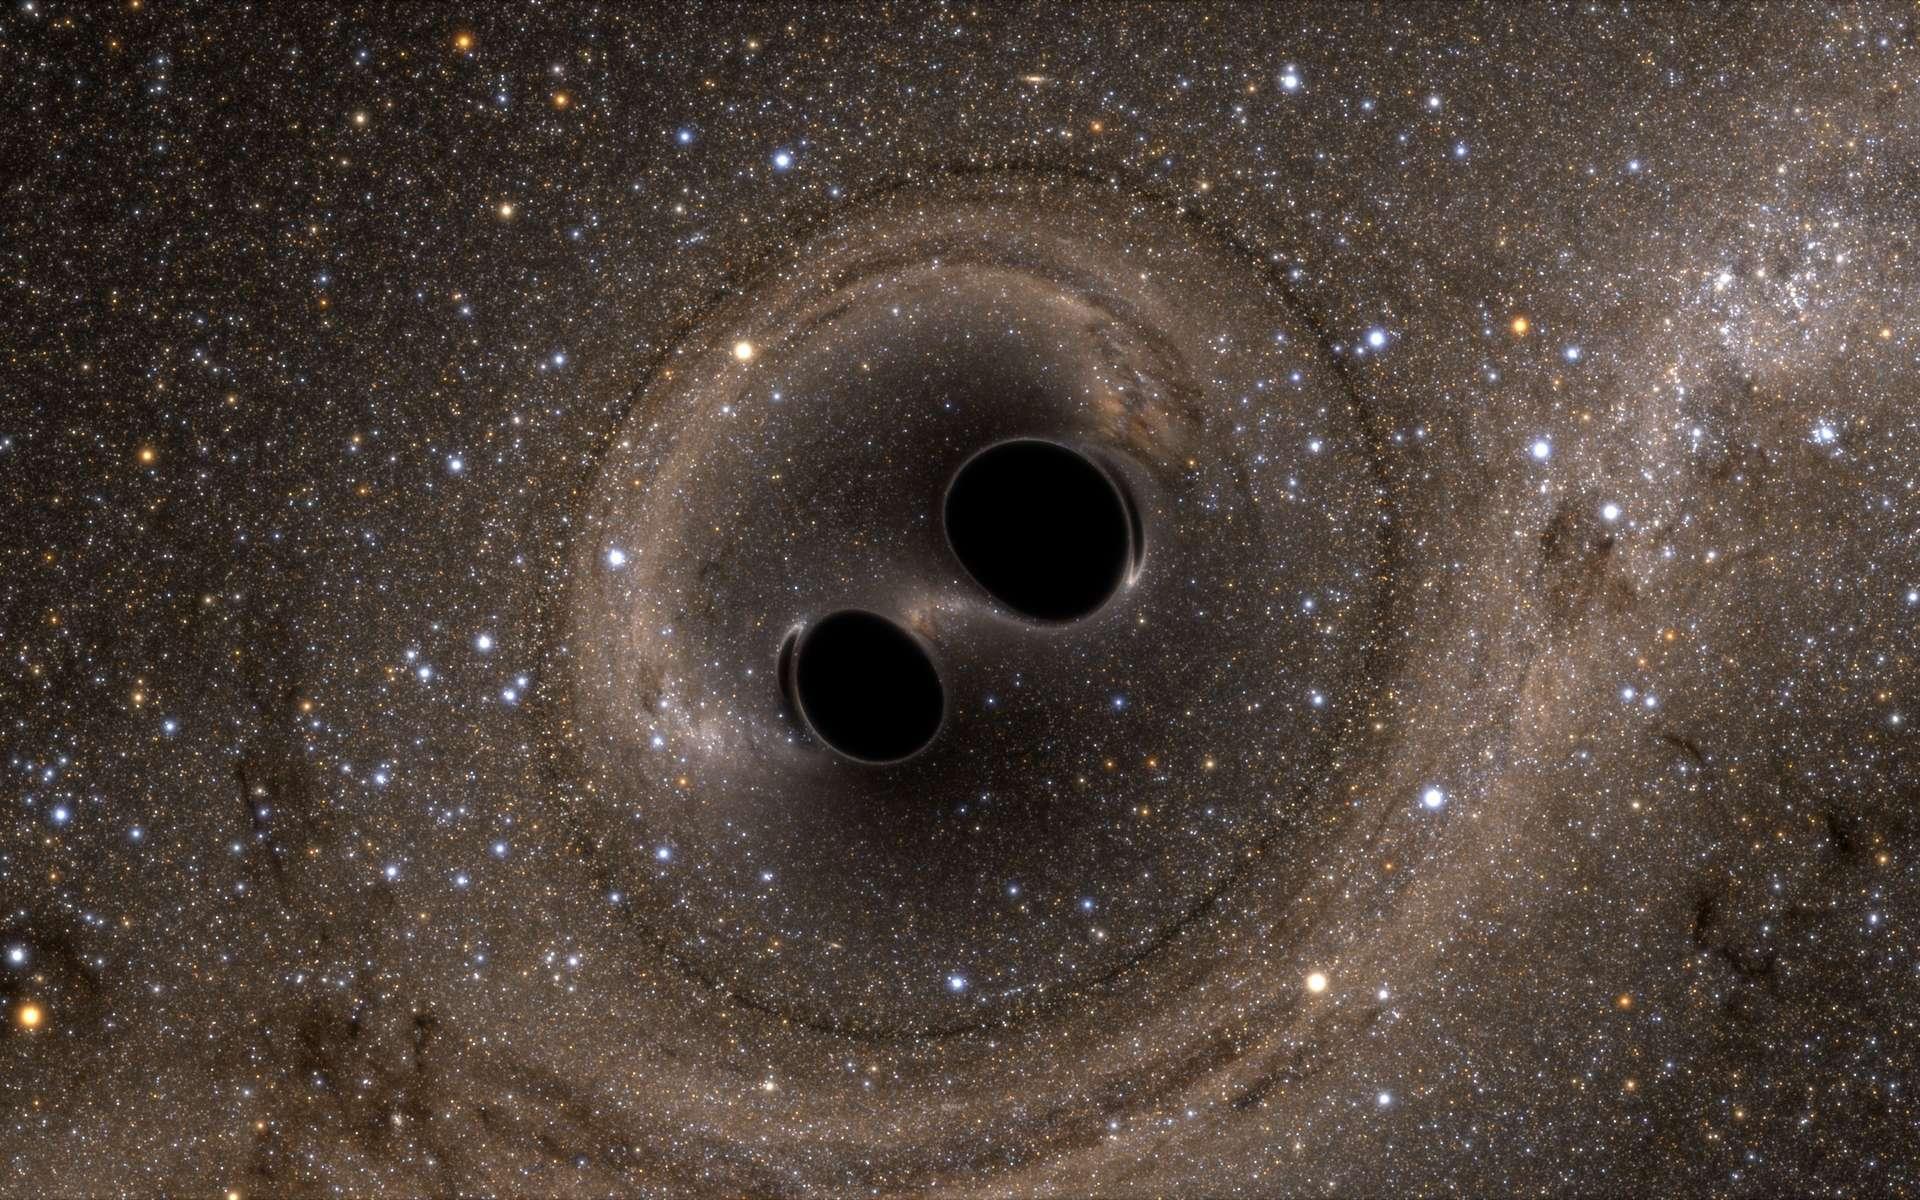 Ligo, l'acronyme de Laser Interferometer Gravitational-Wave Observatory, en anglais, nous a permis de détecter l'onde gravitationnelle produite par la collision puis la fusion de deux trous noirs d'environ 30 masses solaires chacun. Mais à quoi aurait ressemblé visuellement l'événement pour des observateurs à quelques milliers de kilomètres ? Des simulations numériques nous permettent de le découvrir. L'image ci-dessus, avec des effets de lentille gravitationnelle, est extraite de l'une d'elles. © SXS (Simulating eXtreme Spacetimes project)